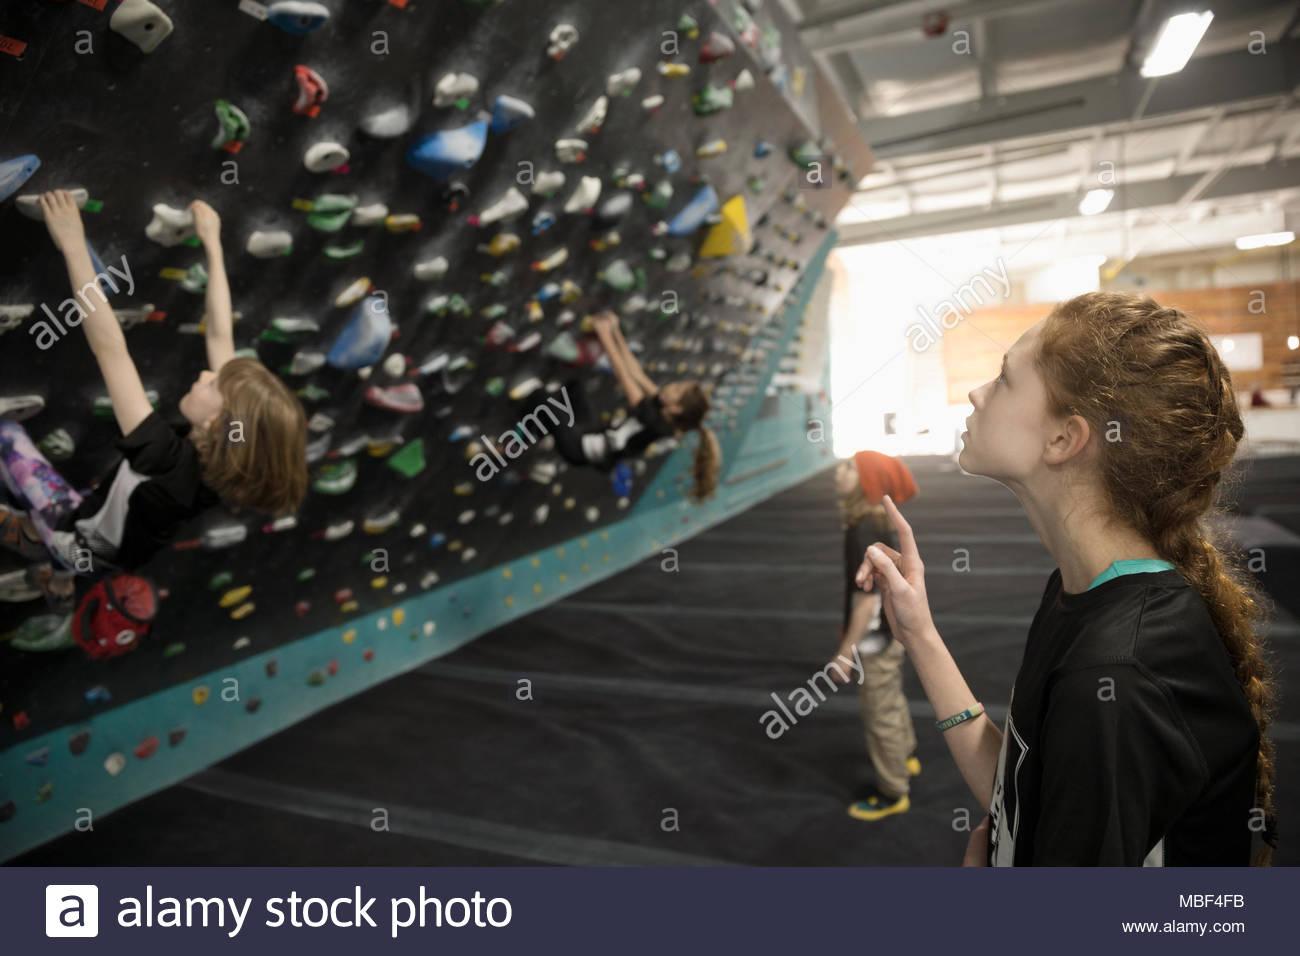 Curieux girl rock climber regardant ami mur d'escalade en salle d'escalade Photo Stock